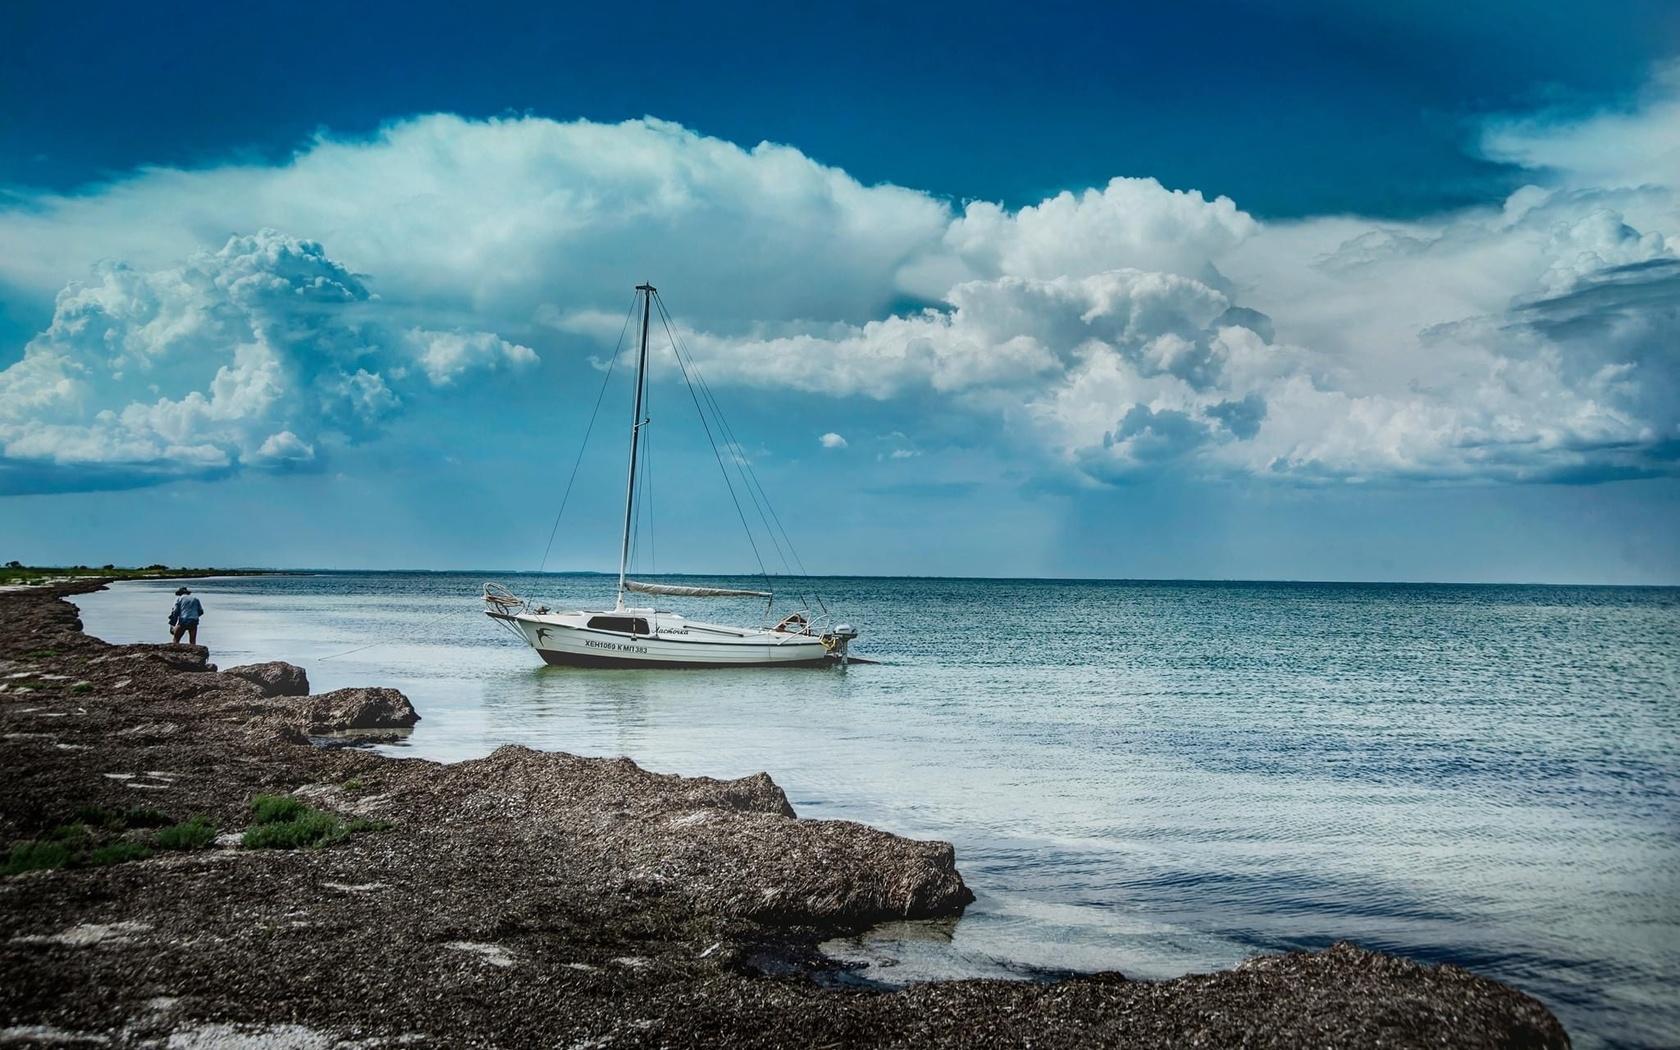 остров, лодка, море, небо